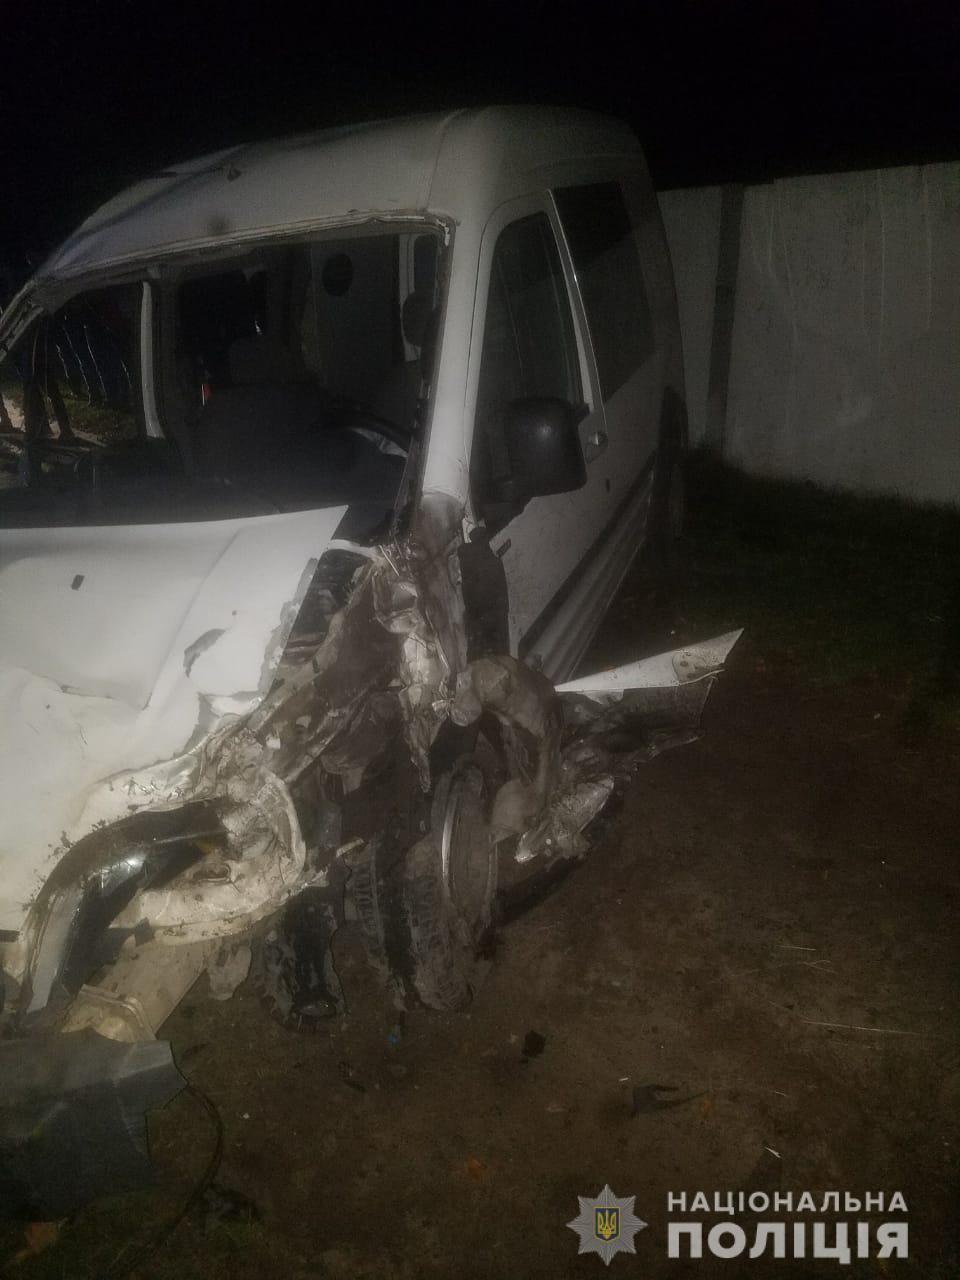 Поліція з'ясовує обставини смертельної ДТП на Волині